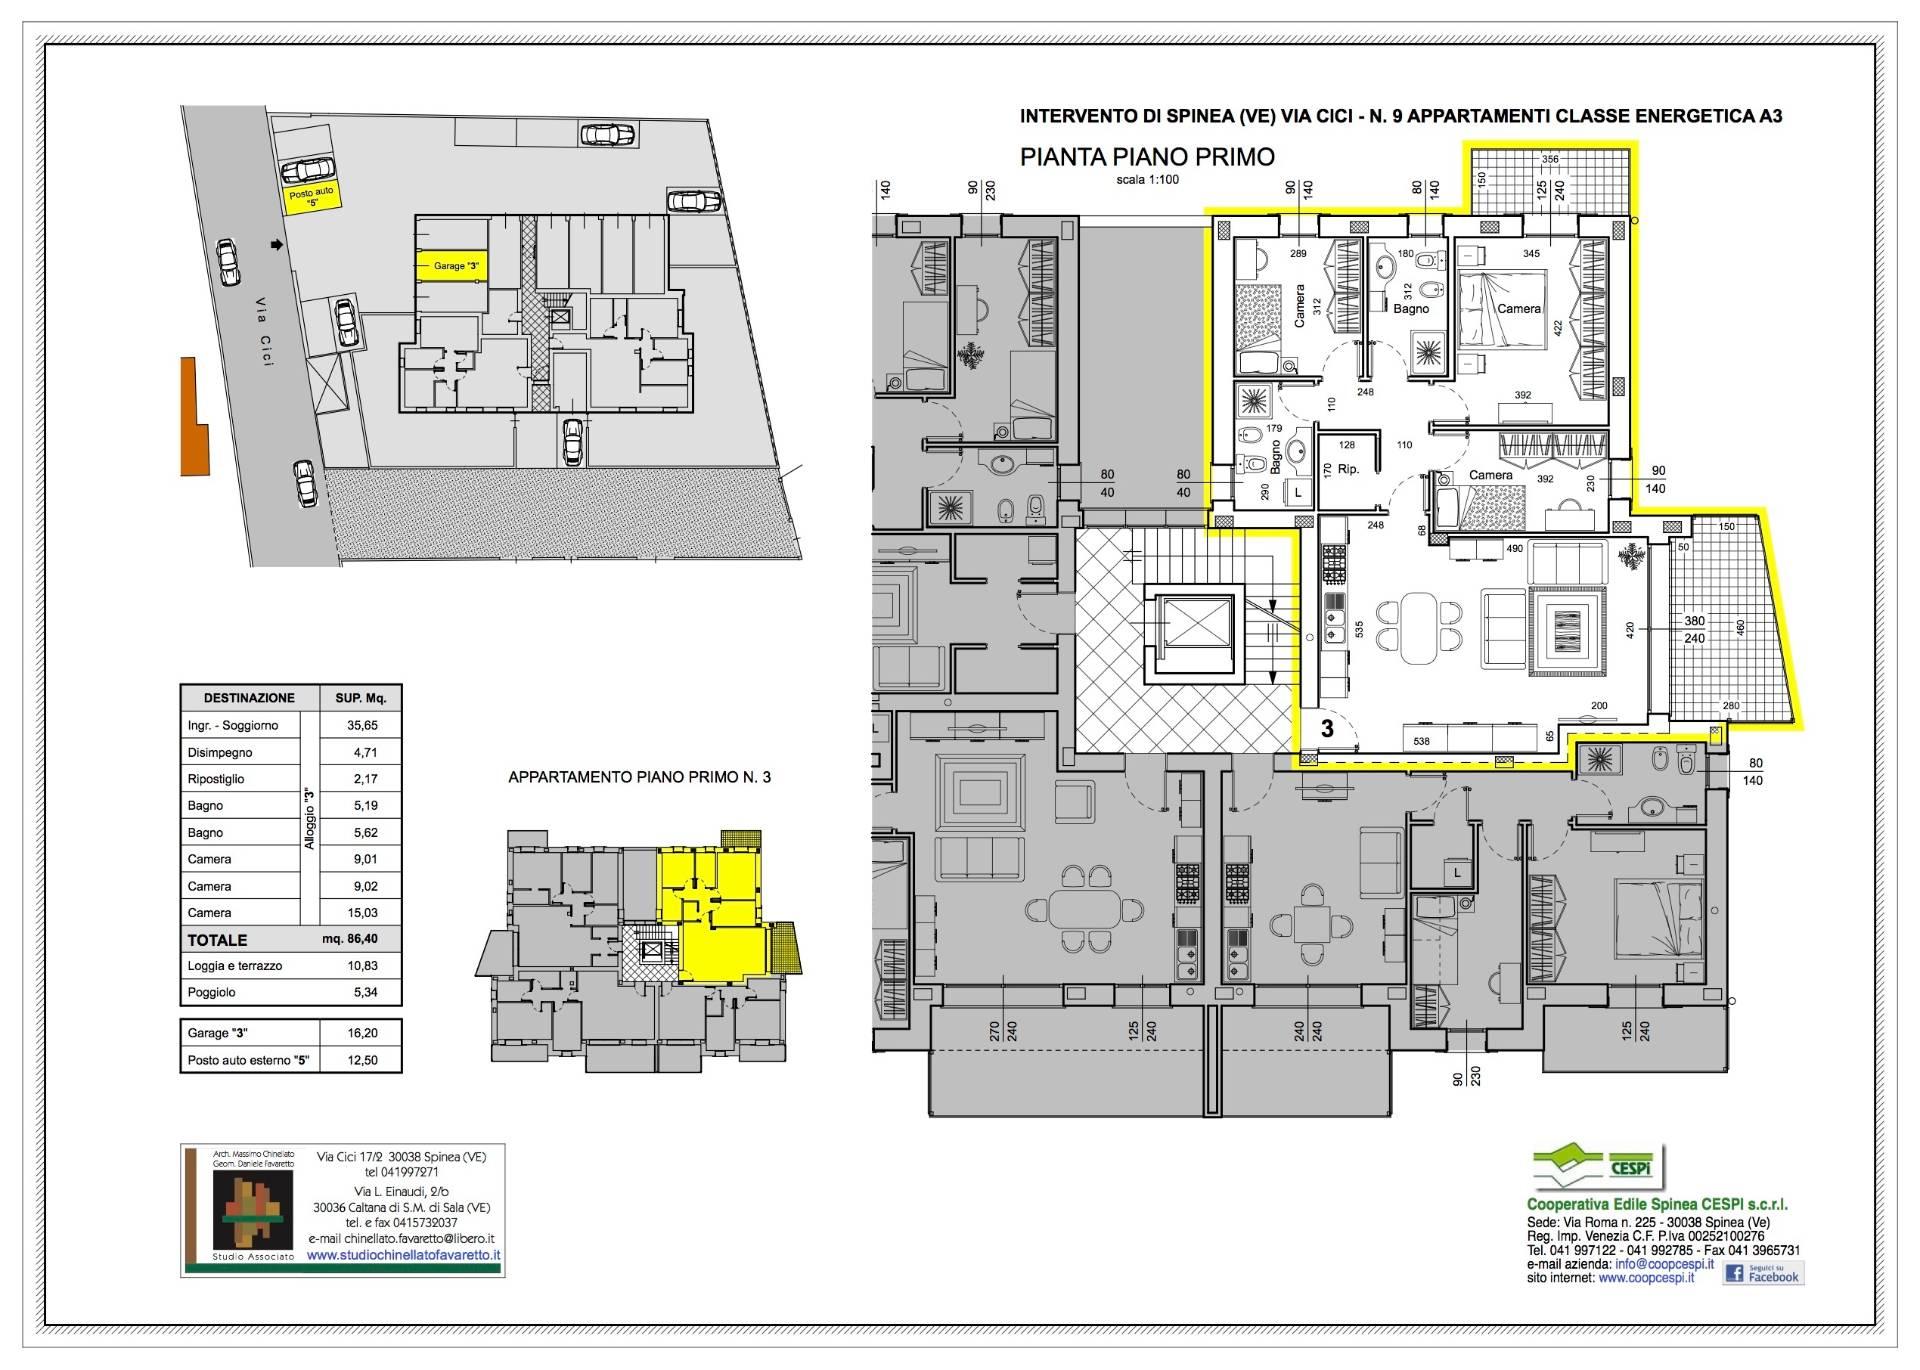 Appartamento in vendita a Spinea, 7 locali, prezzo € 245.000 | CambioCasa.it